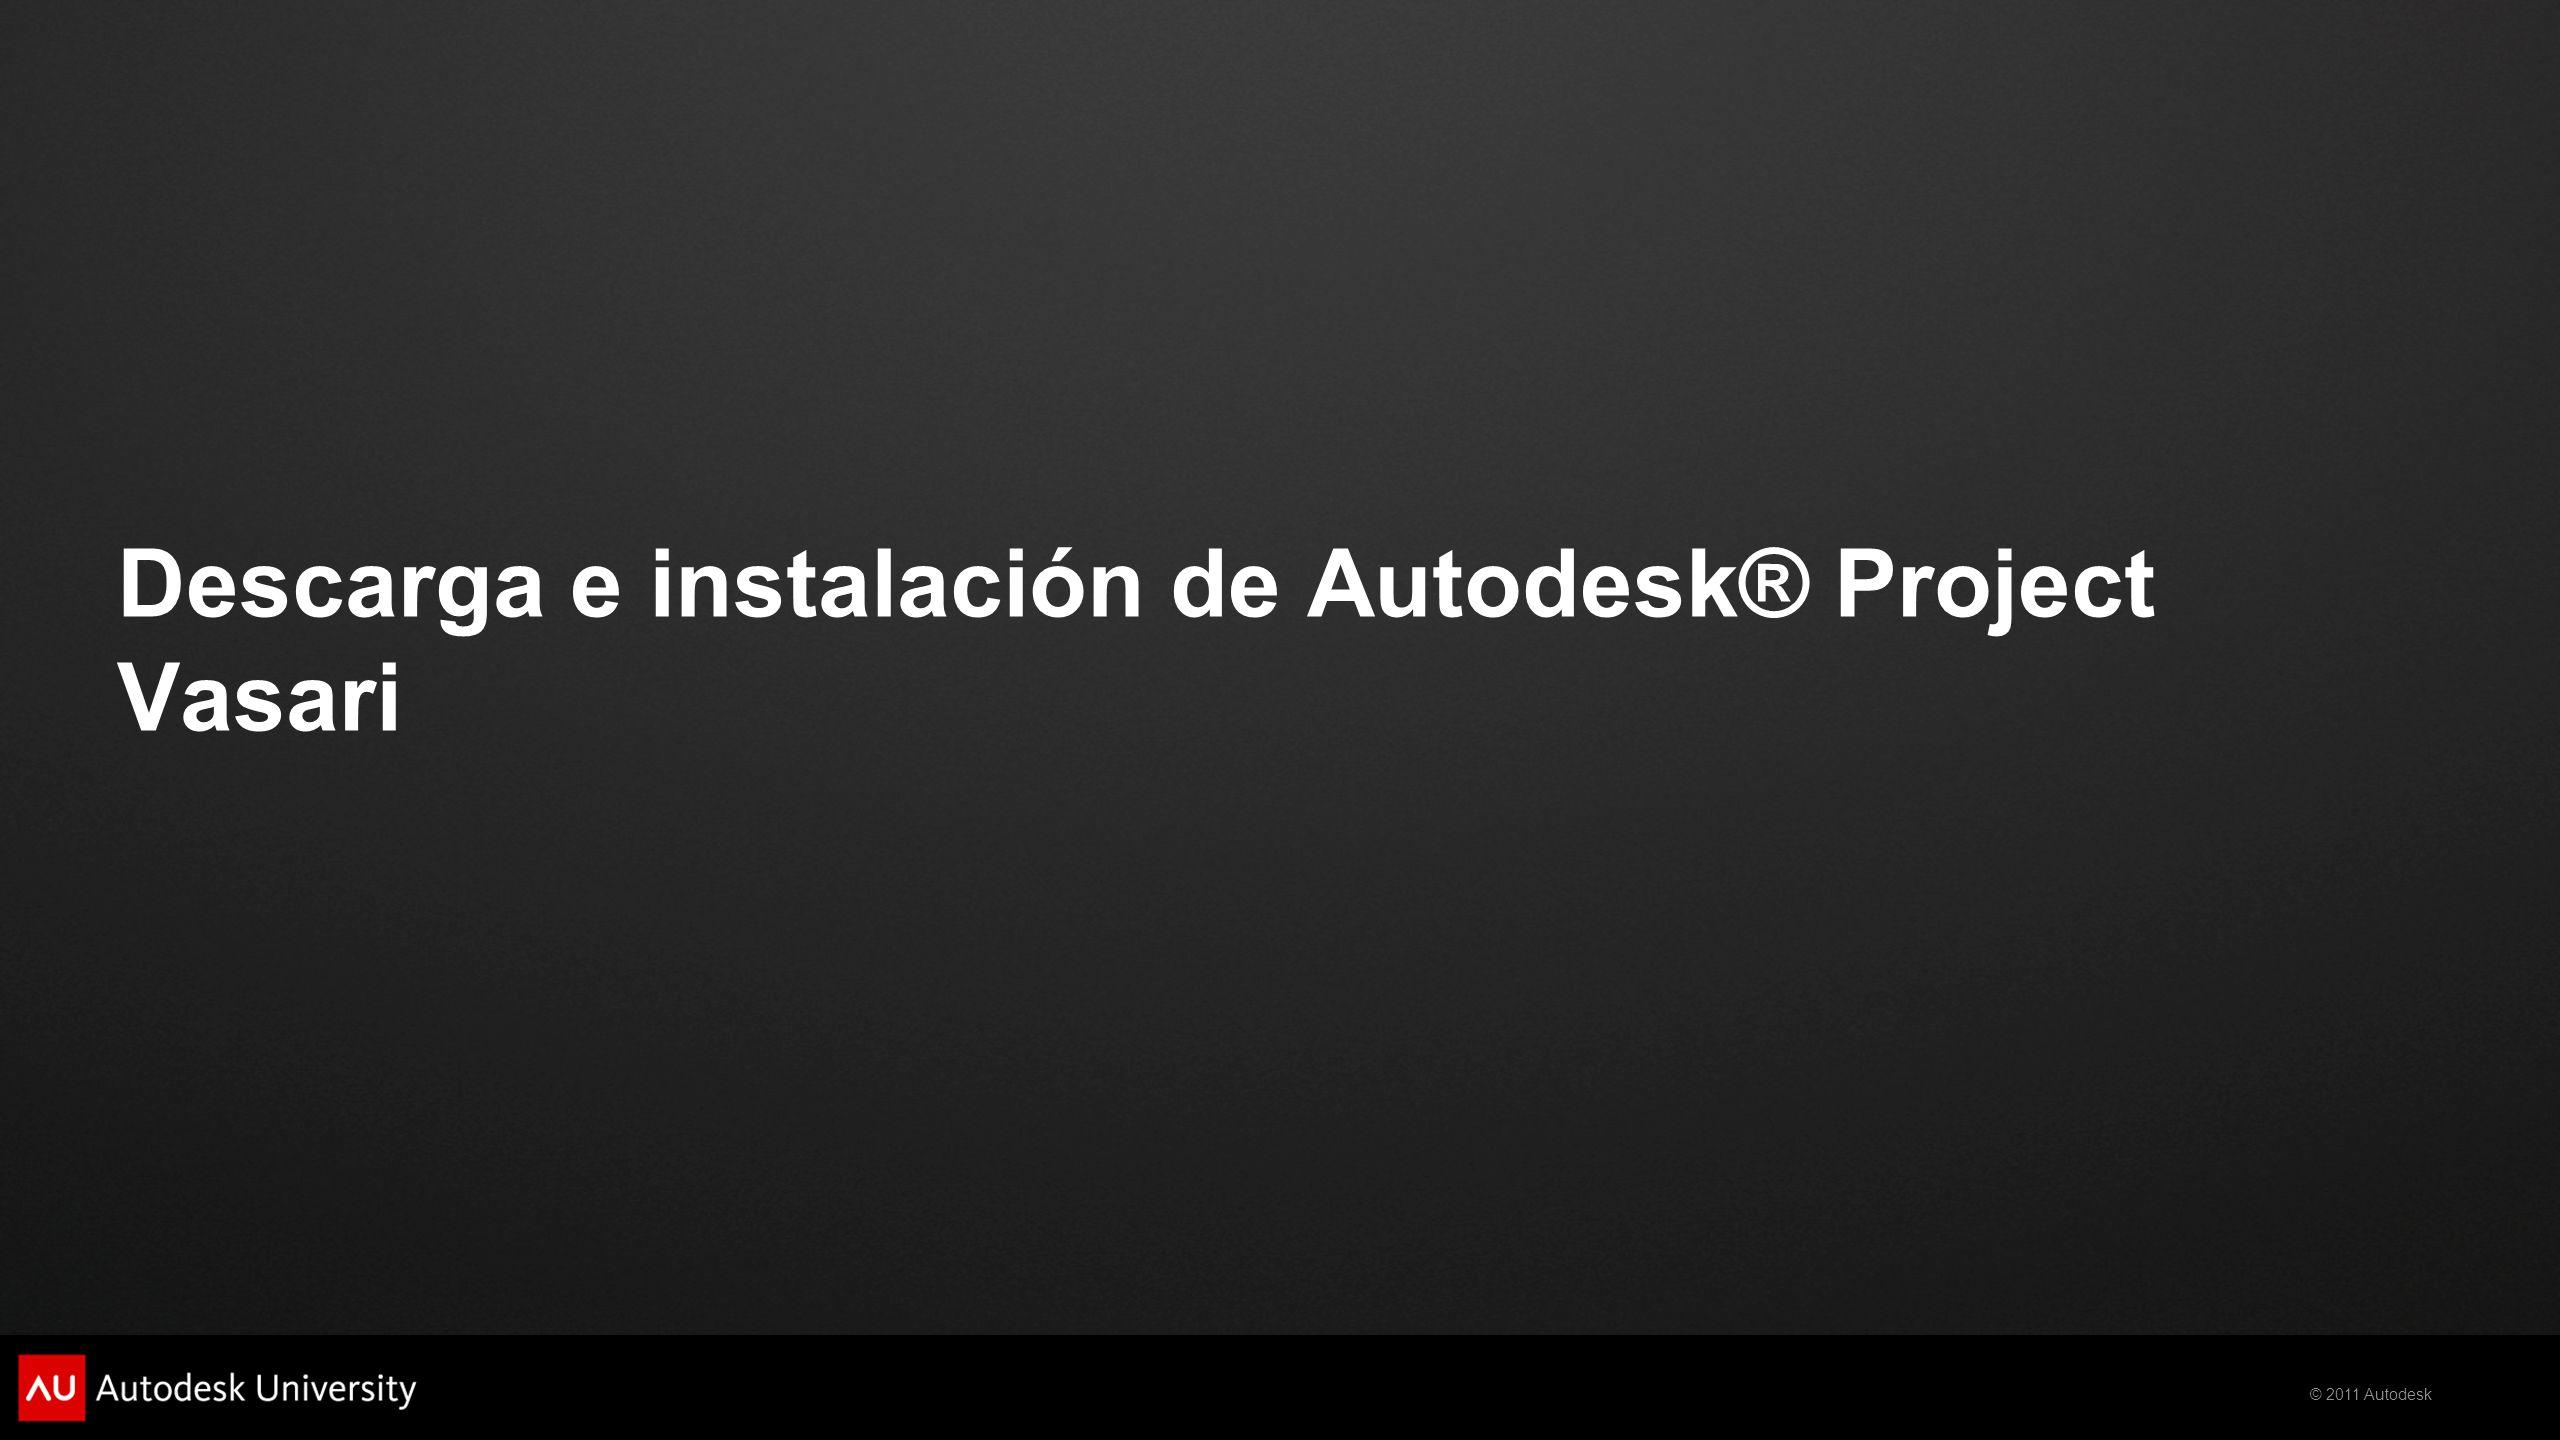 Descarga e instalación de Autodesk® Project Vasari